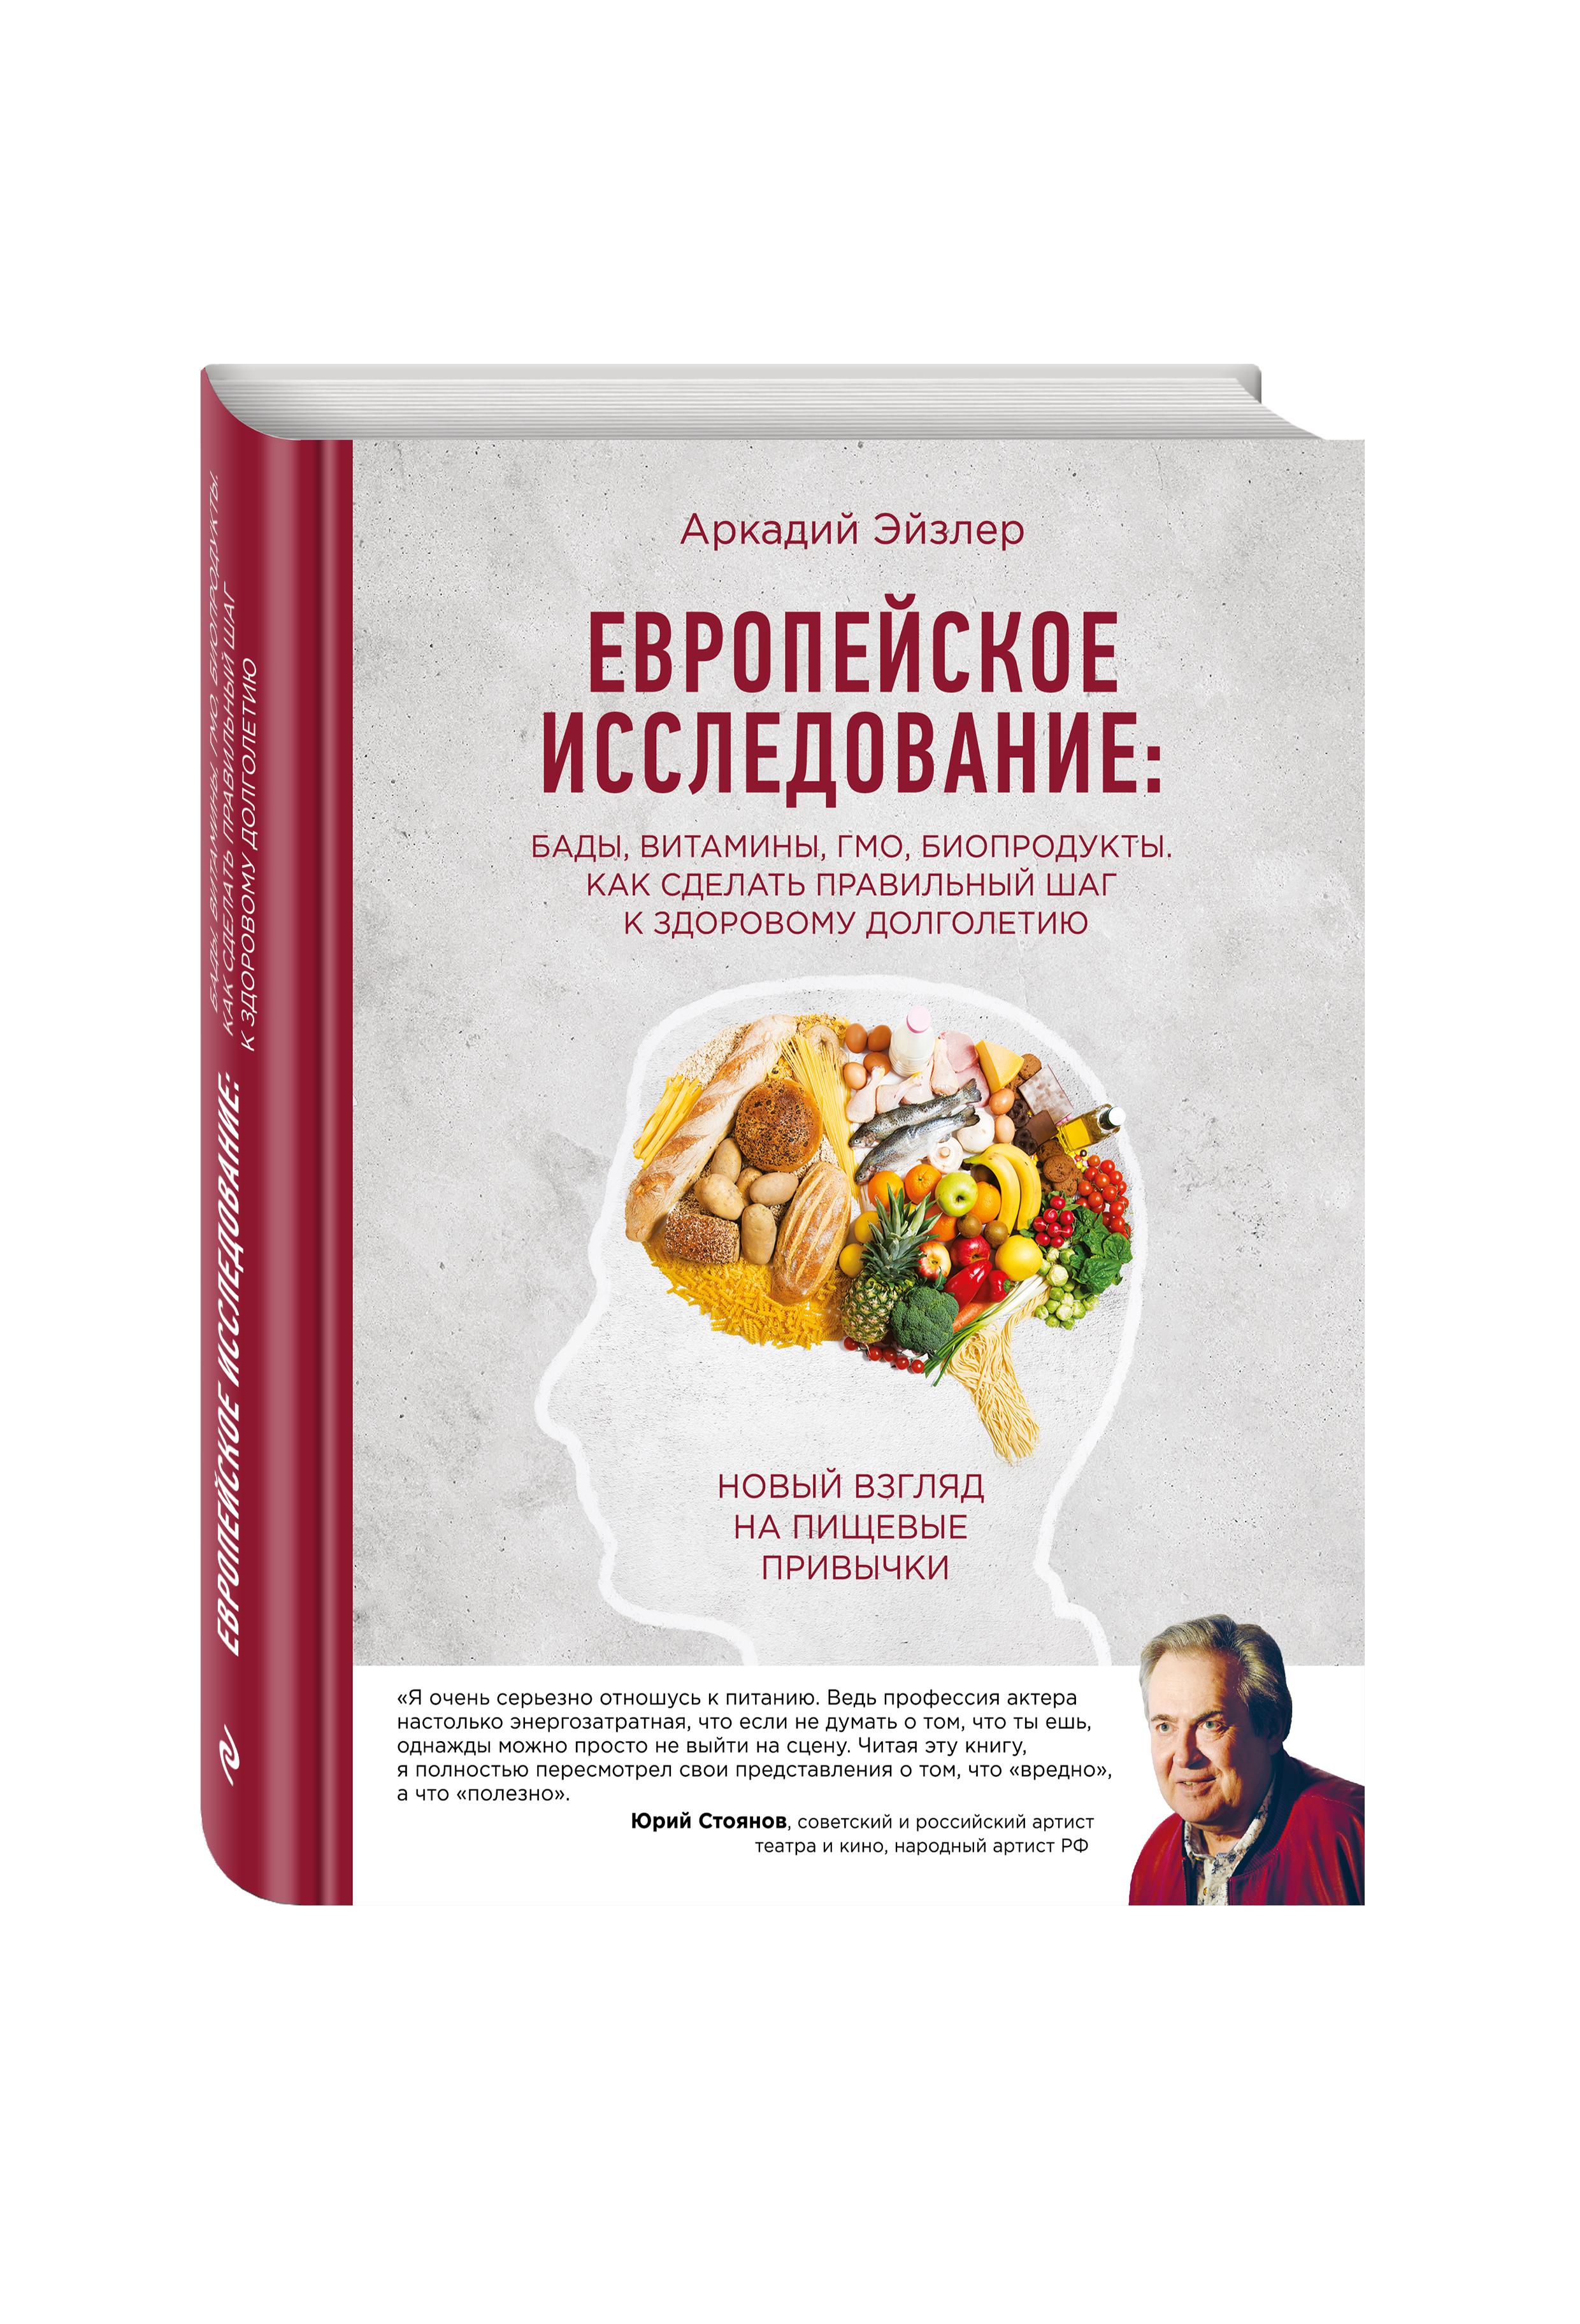 Аркадий Эйзлер Европейское исследование: бады, витамины, ГМО, биопродукты. Как сделать правильный шаг к здоровому долголетию эйзлер а к европейское исследование бады витамины гмо биопродукты